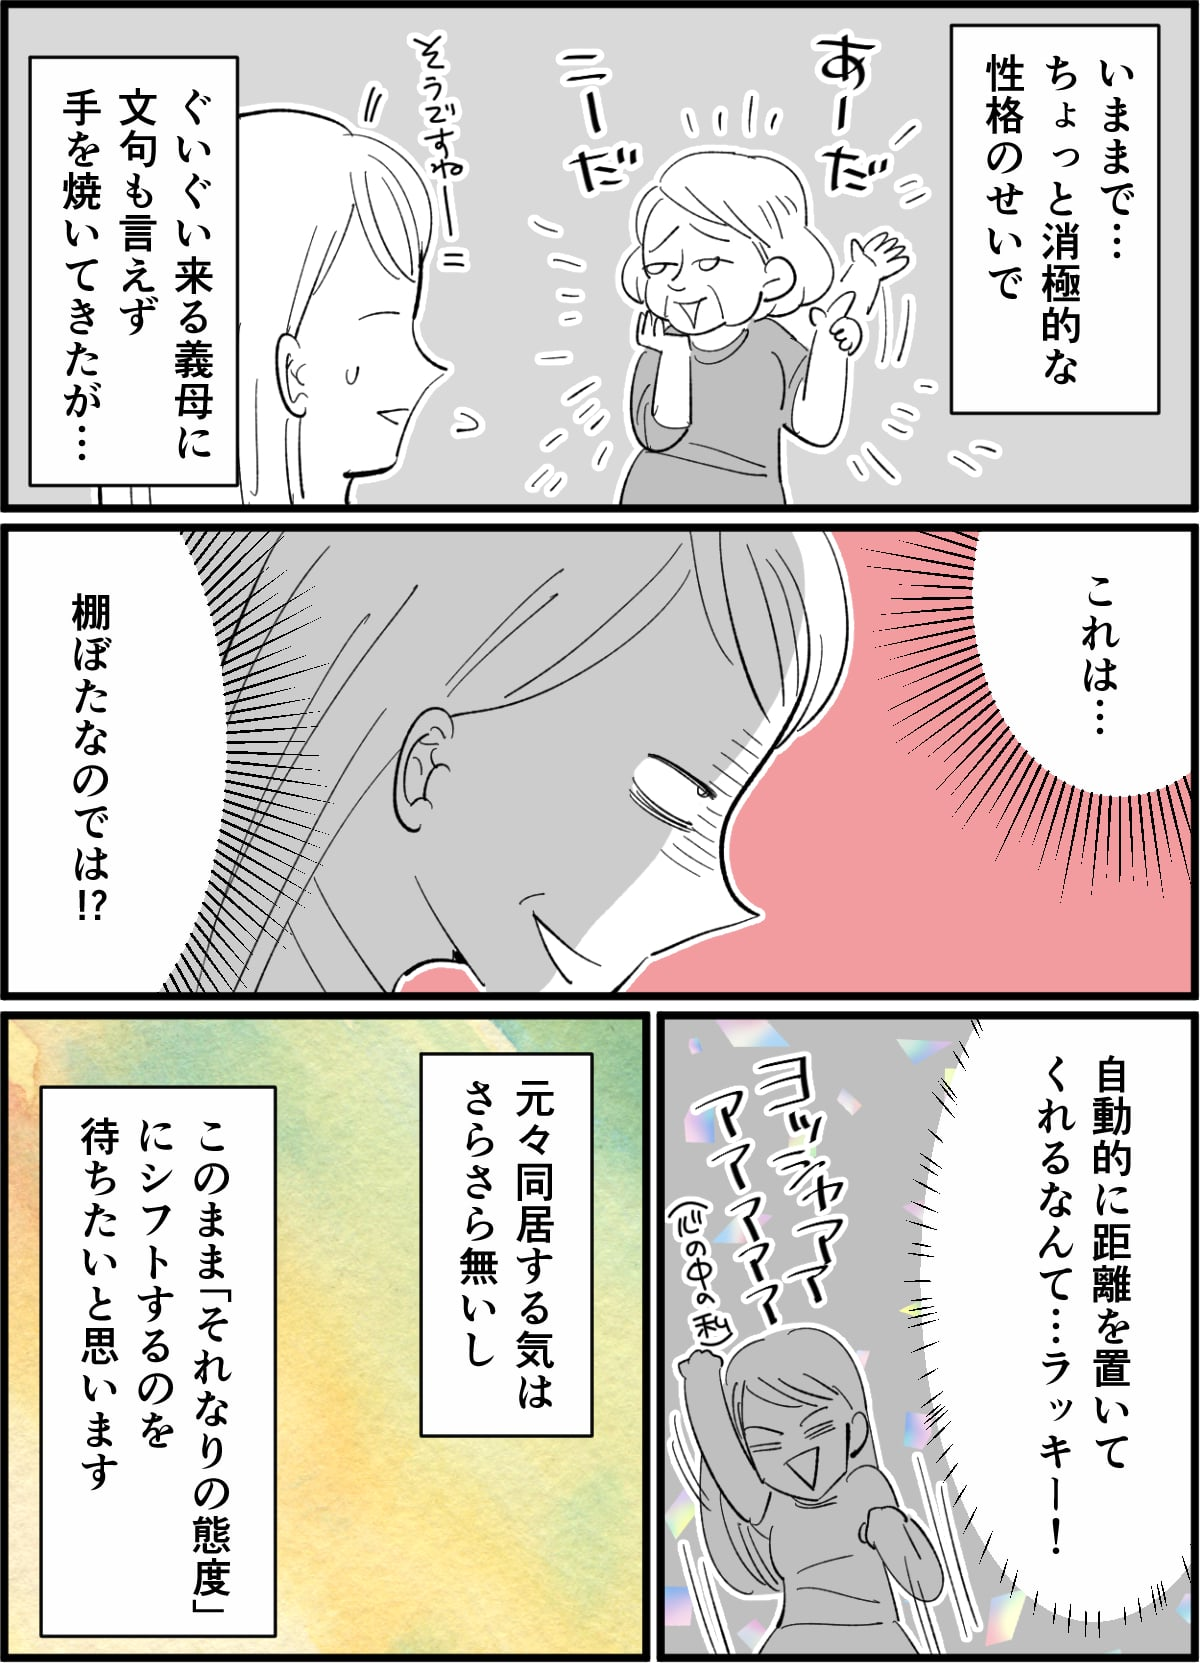 【後編】義母から「長男の嫁と気が合わないから同居して」と突然のお願い!3